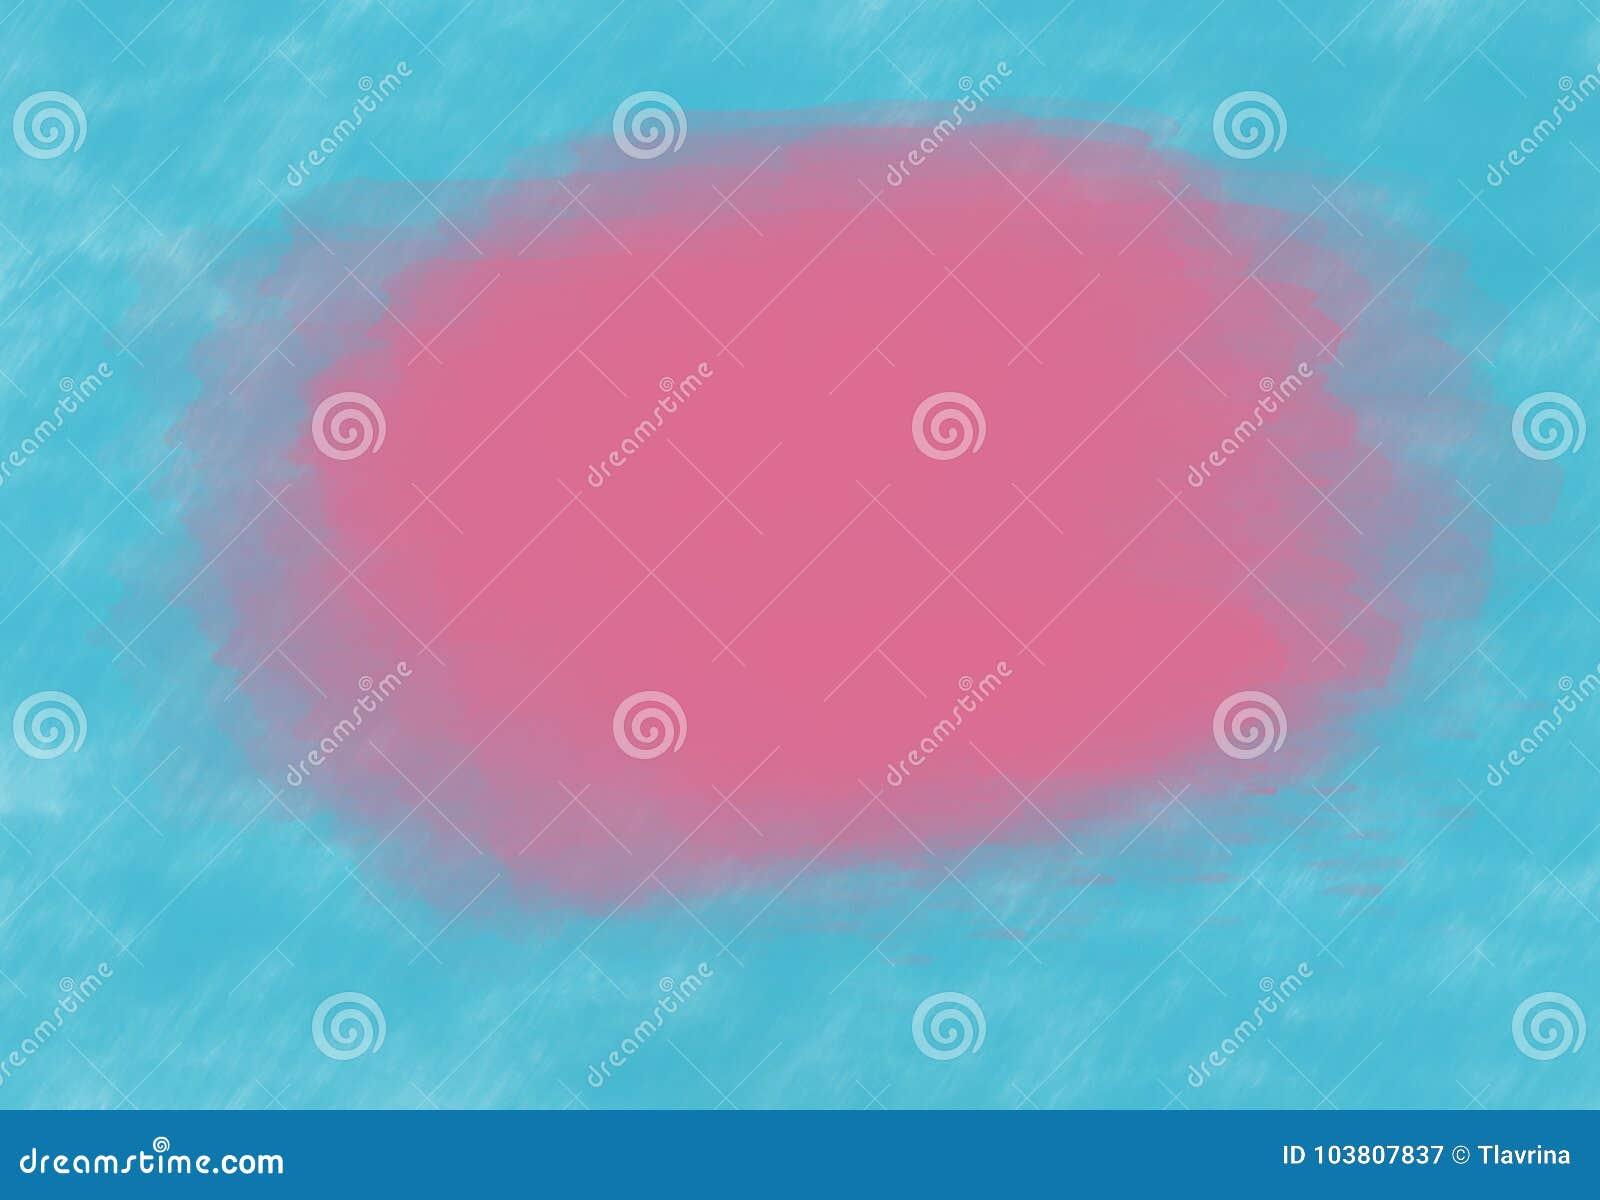 Ρόδινος πορφυρός λεκές watercolor στο τυρκουάζ υπόβαθρο τ μεντών κιρκιριών